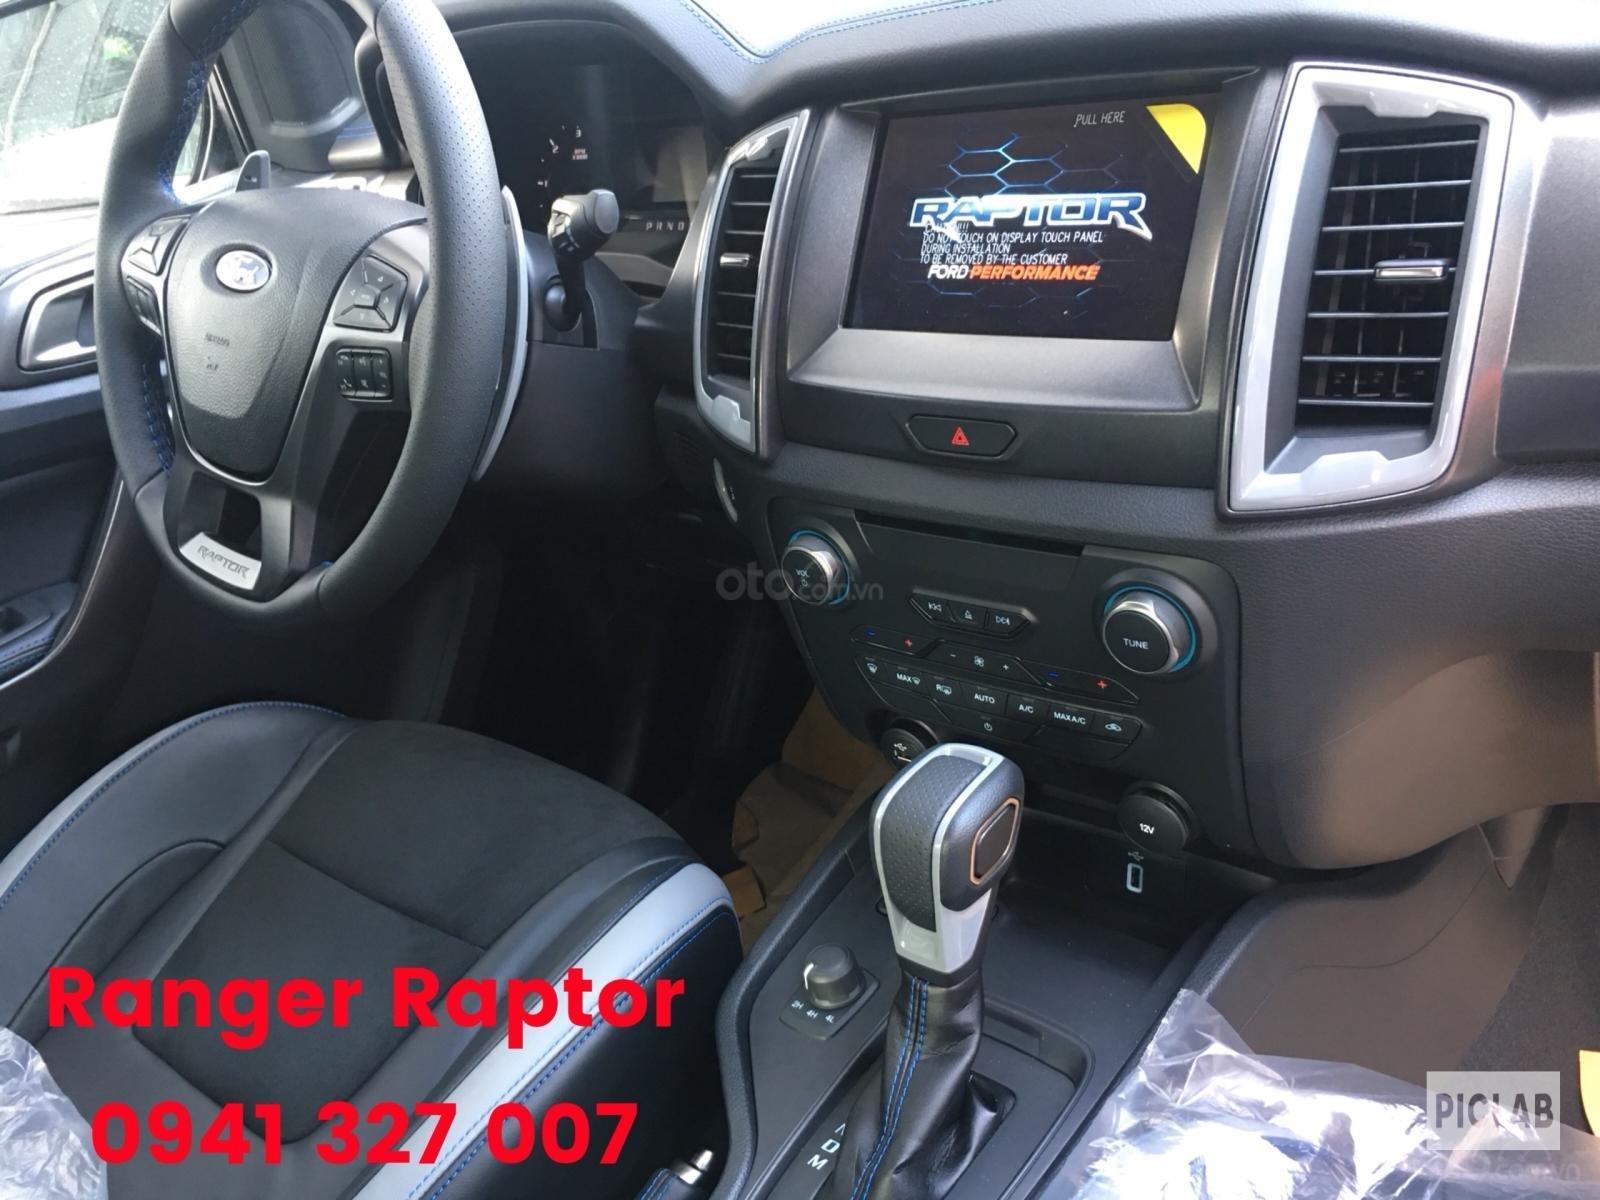 Bán Ford Ranger Raptor nhập khẩu nguyên chiếc Thailand, màu trắng, giao ngay có KM (7)